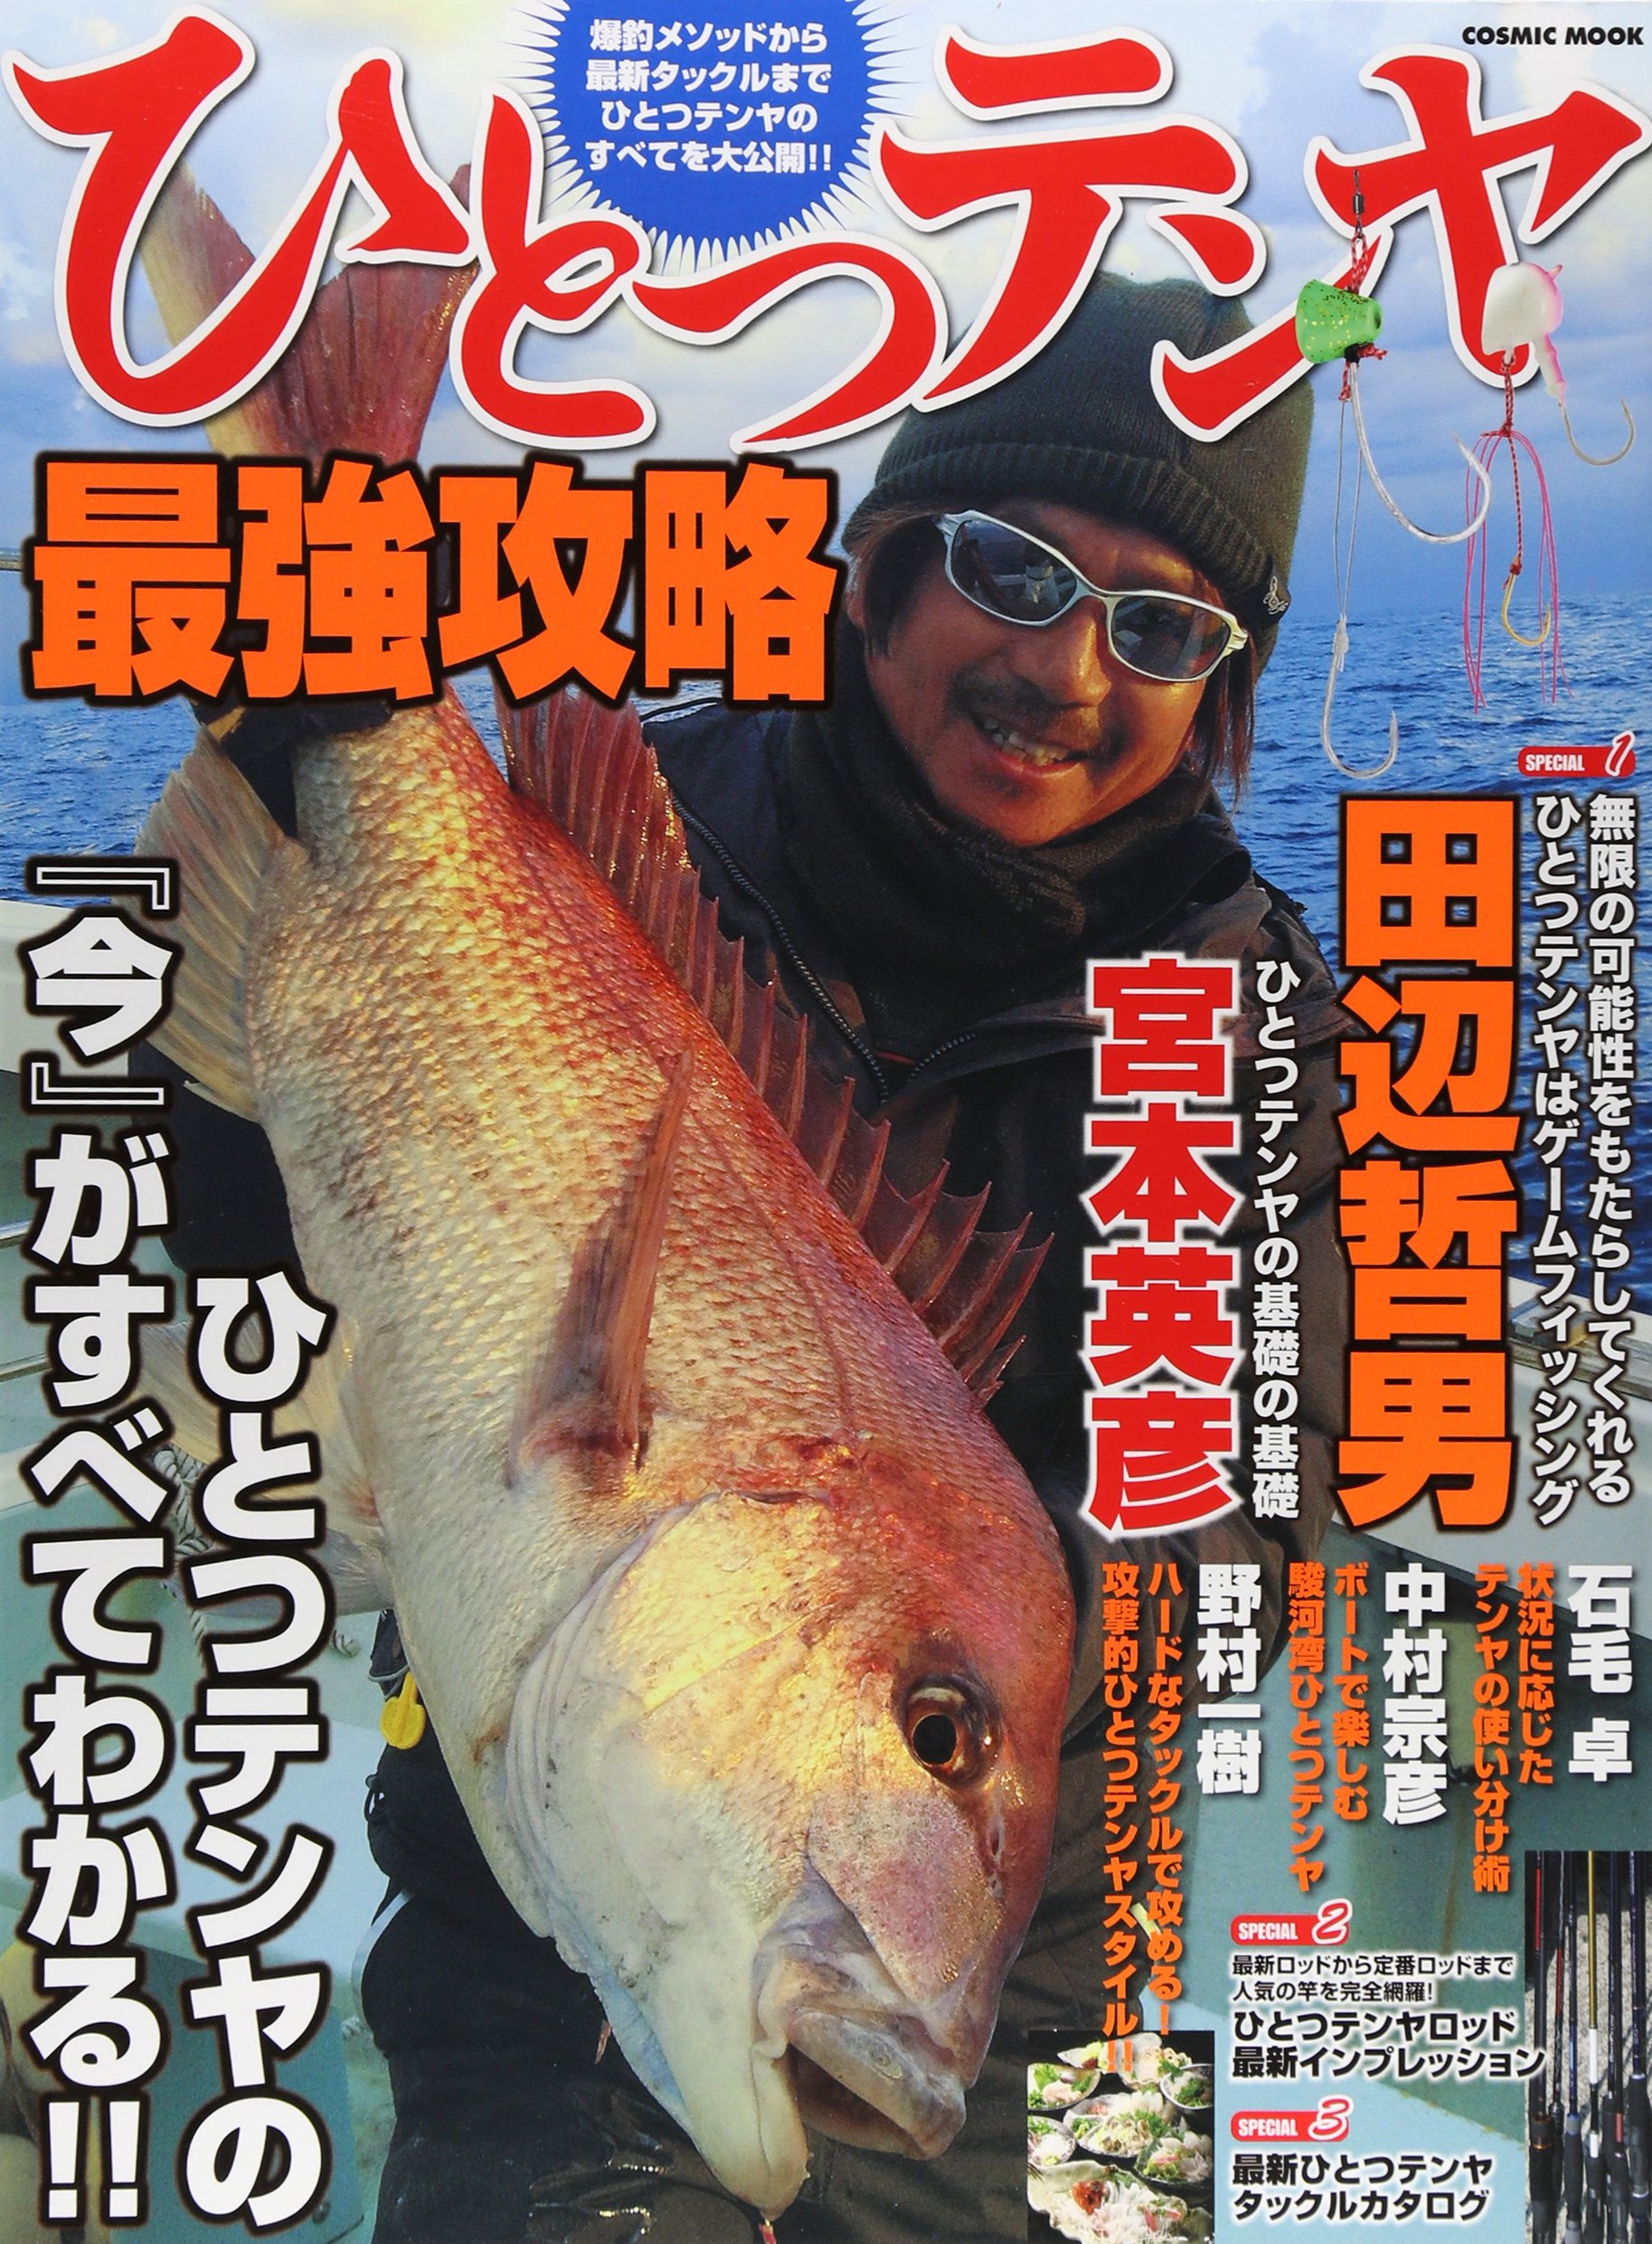 Read Online Hitotsu ten'ya saikyo koryaku : Bakucho mesoddo kara saishin takkuru made hitotsu ten'ya no subete o daikokai. ePub fb2 ebook